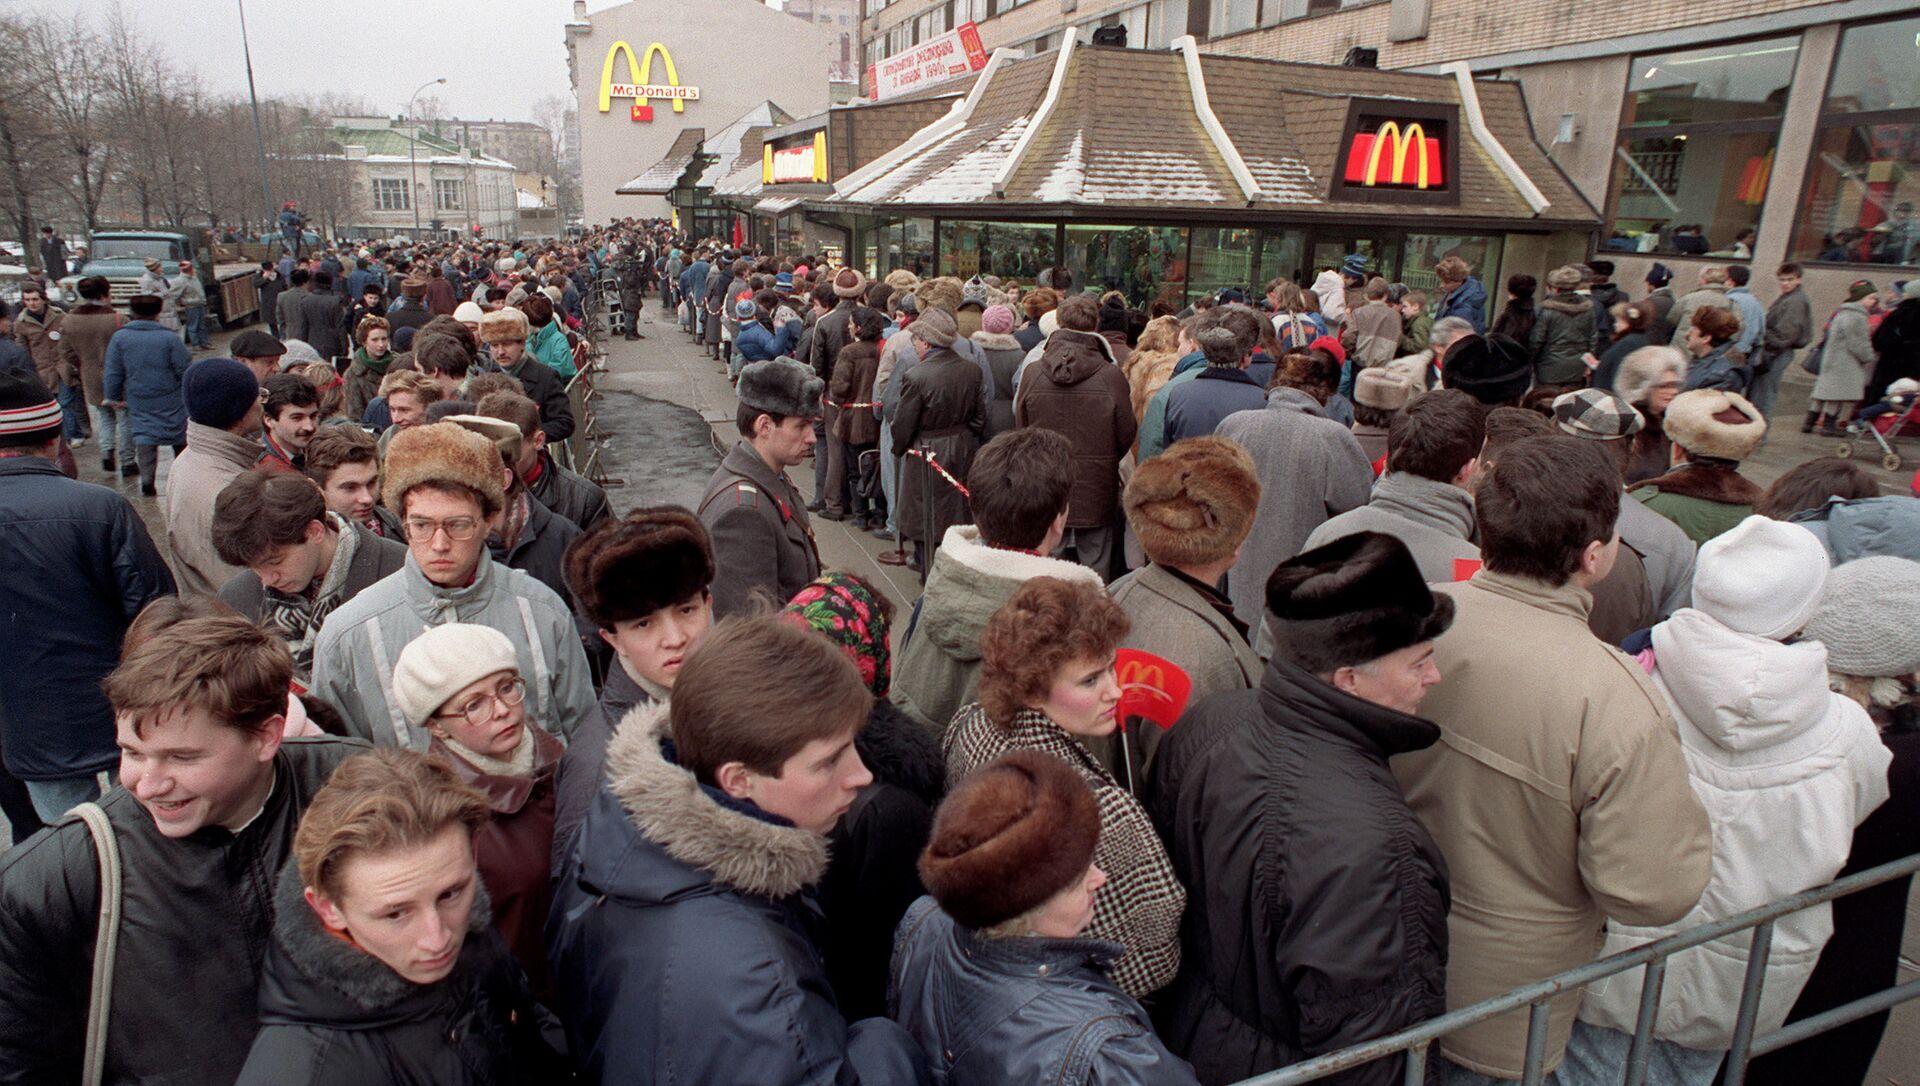 Fronta do prvního McDonaldu v Moskvě - Sputnik Česká republika, 1920, 01.02.2021